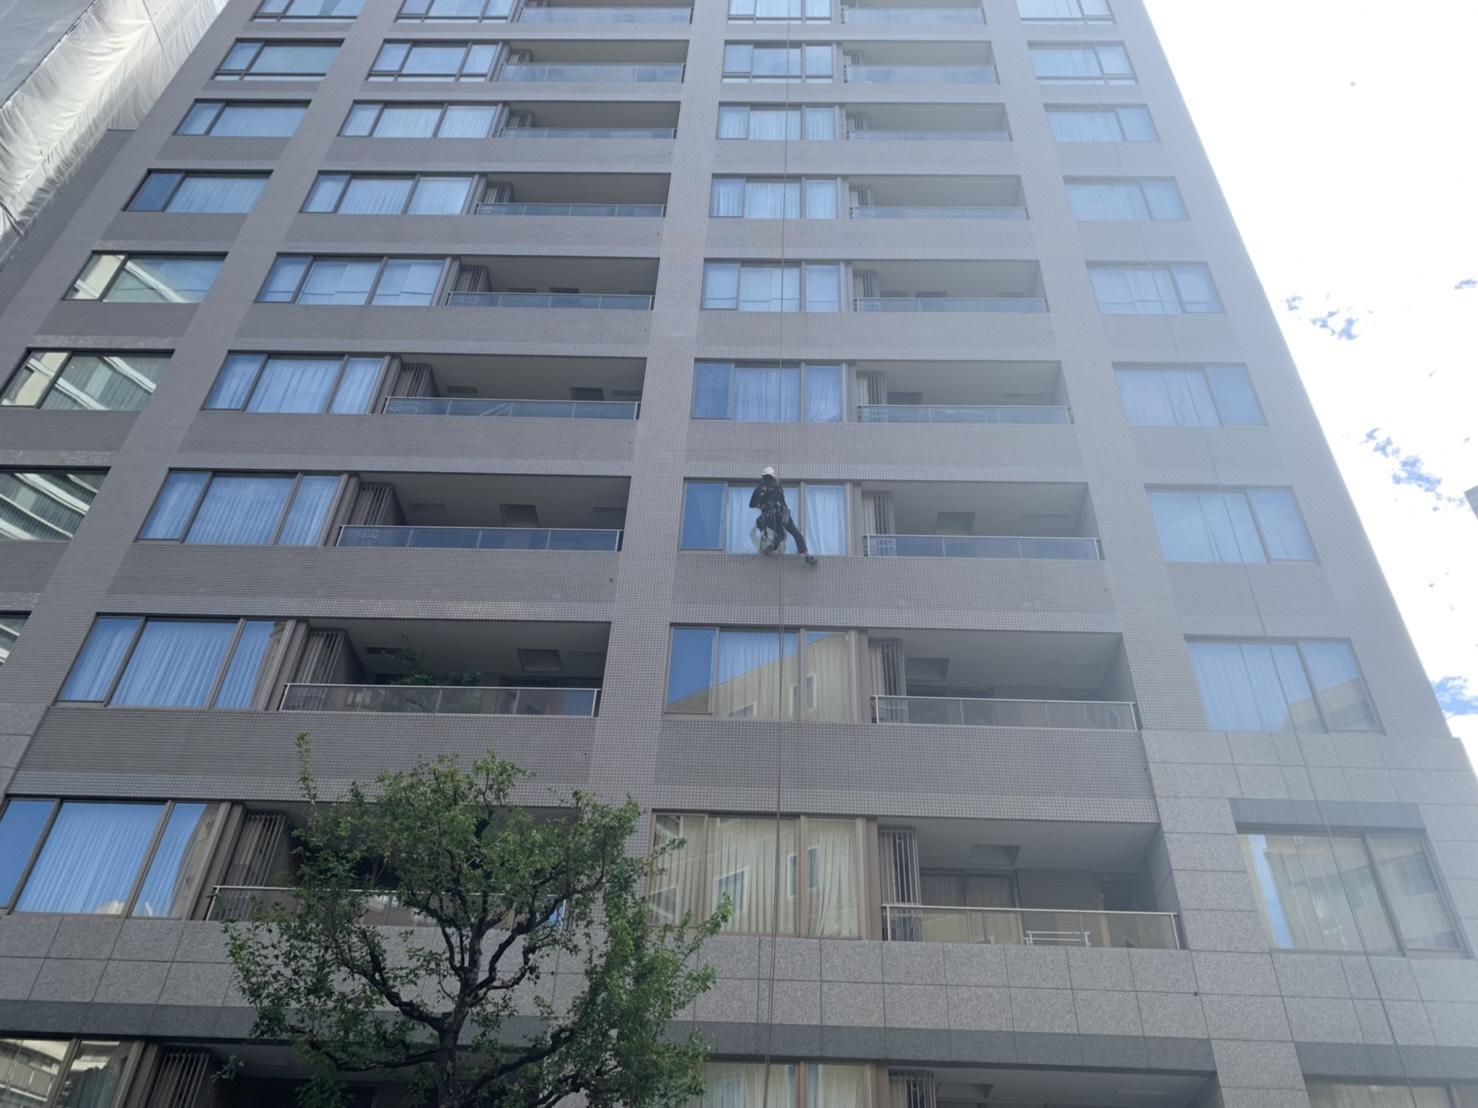 東京都 マンション 14階建 ガラス定期清掃